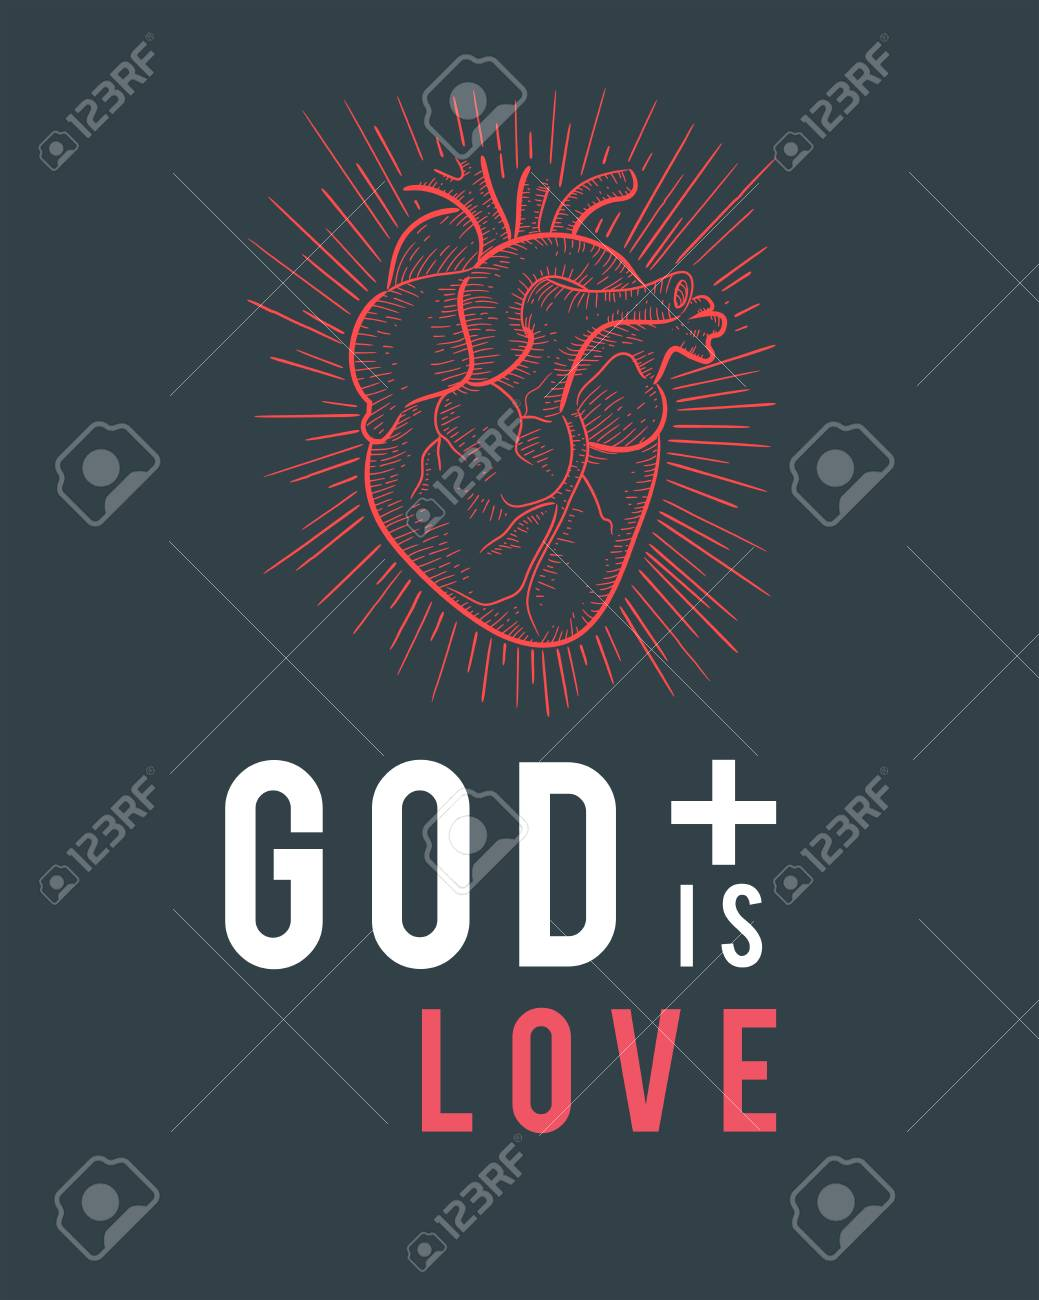 Ilustracion O Dibujo De La Frase Dios Es Amor Y Corazon Rojo Humano